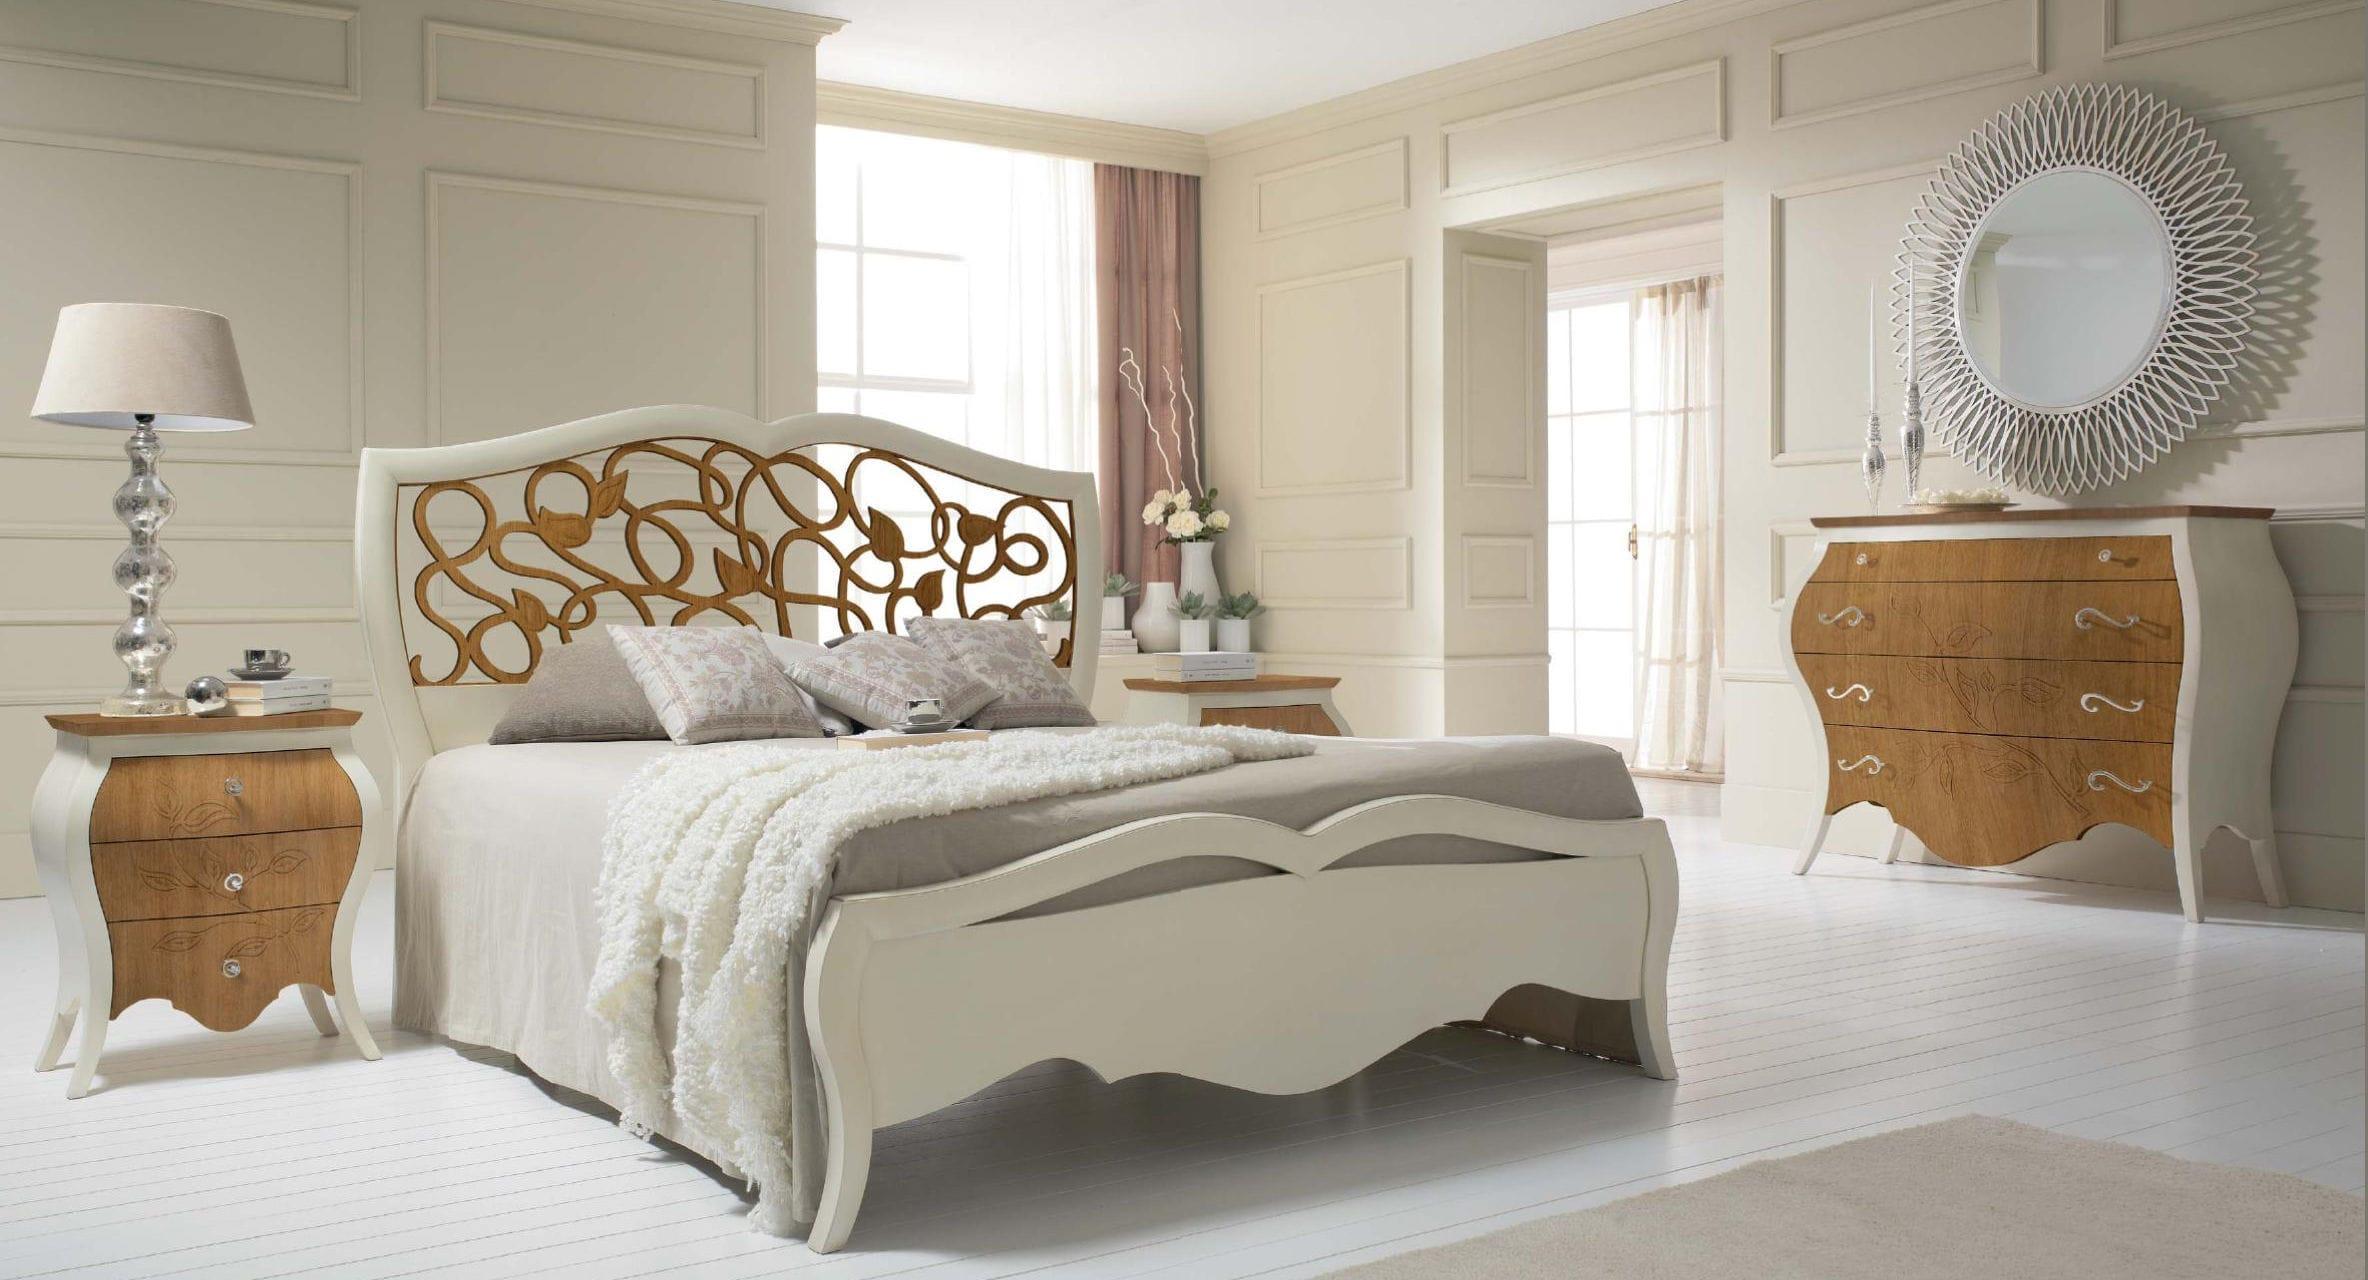 Table de chevet classique / en bois laqué / avec tiroir - NOCEGRANO ...